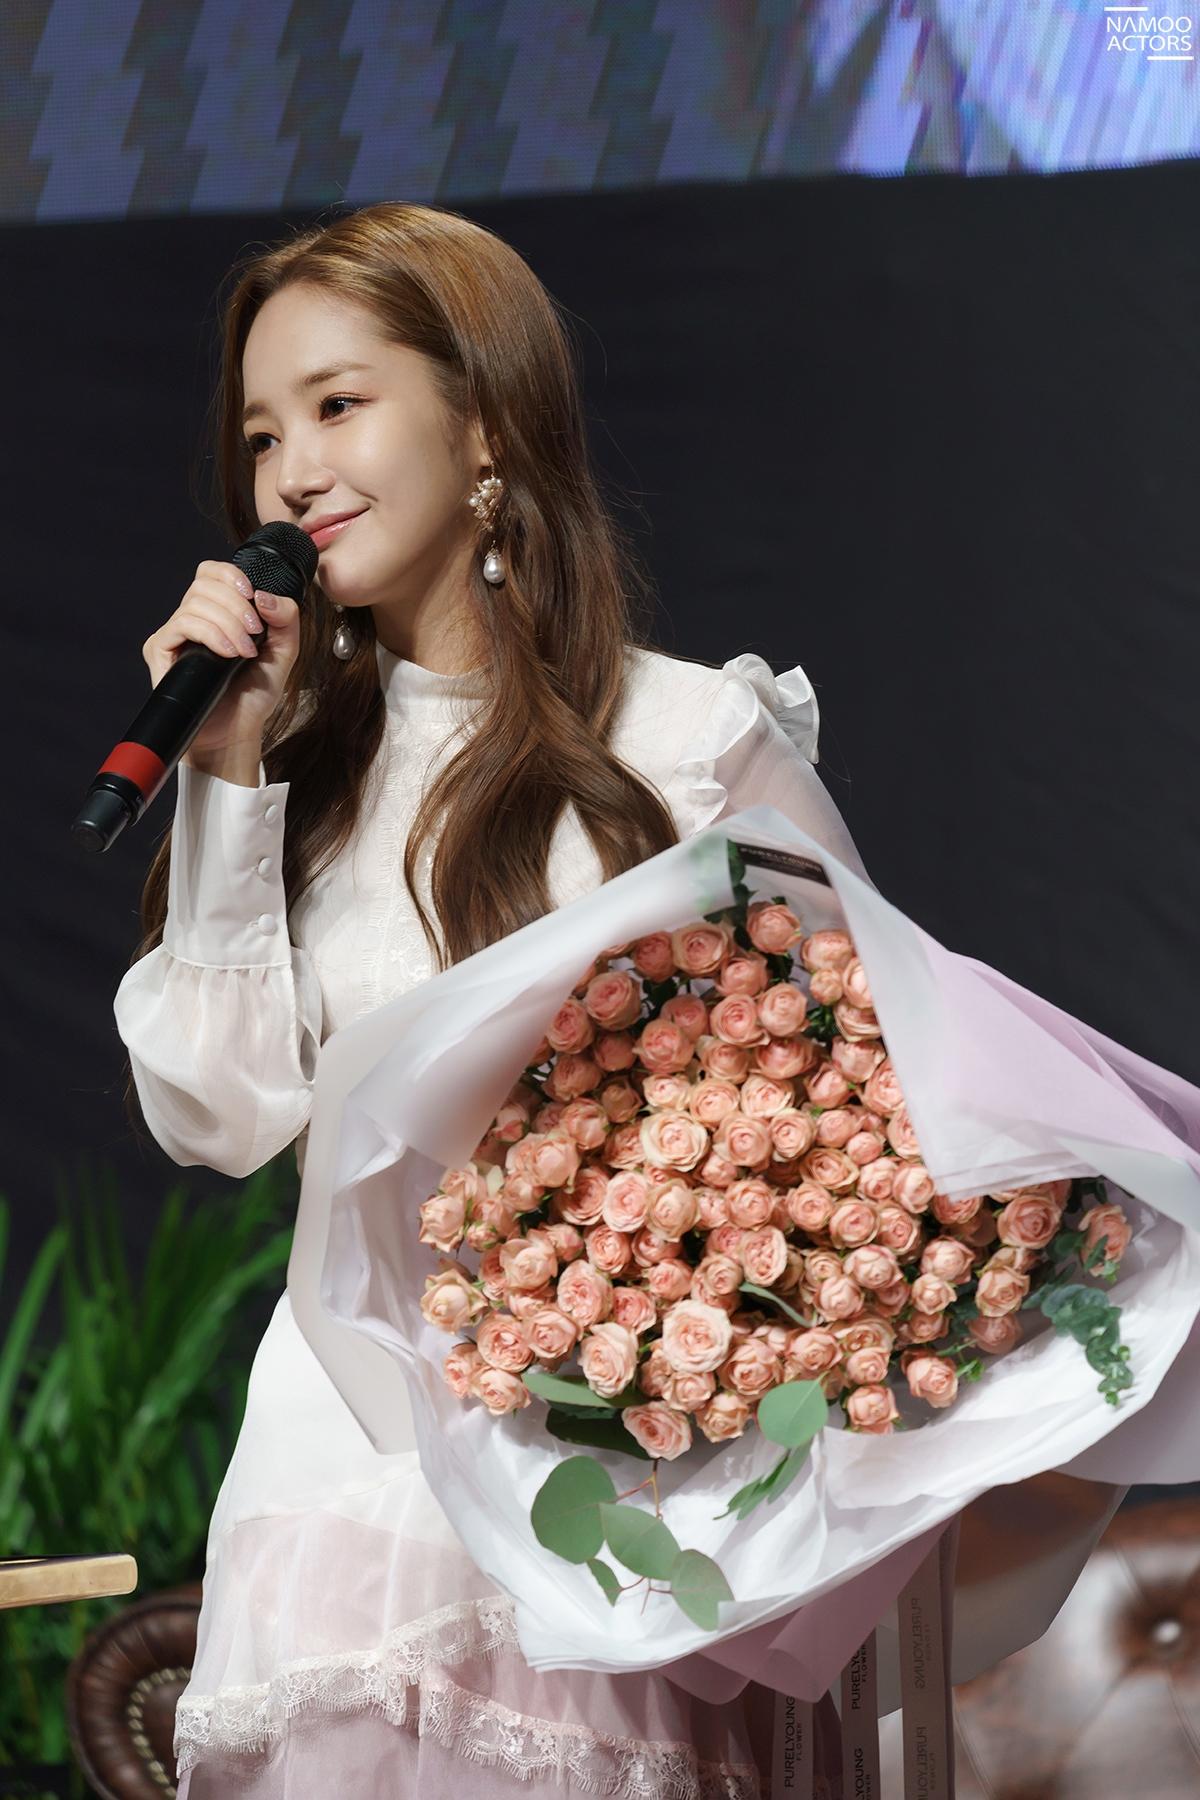 """""""세상에서 누구보다 행복해"""" 박민영, 첫 공식 '팬미팅' 성공적으로 마무리"""